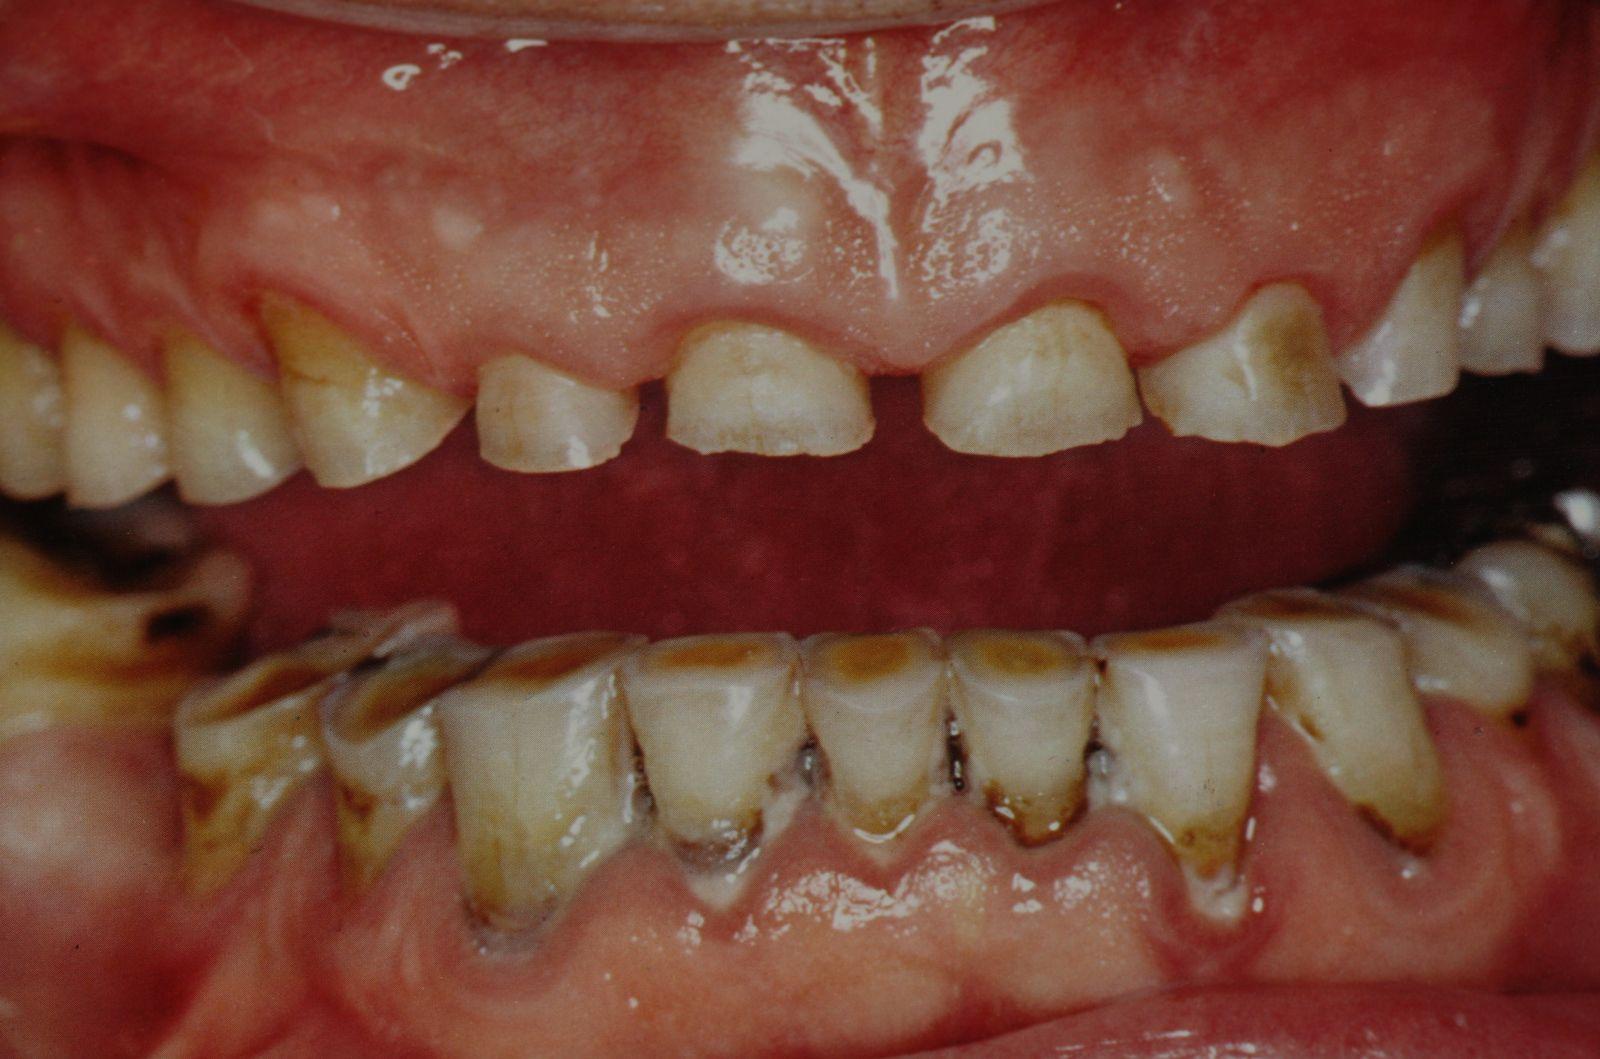 بنعبد الله: النزاع بين صانعي ومركبي الأسنان وهيأة الأطباء سيحل بشكل قانوني